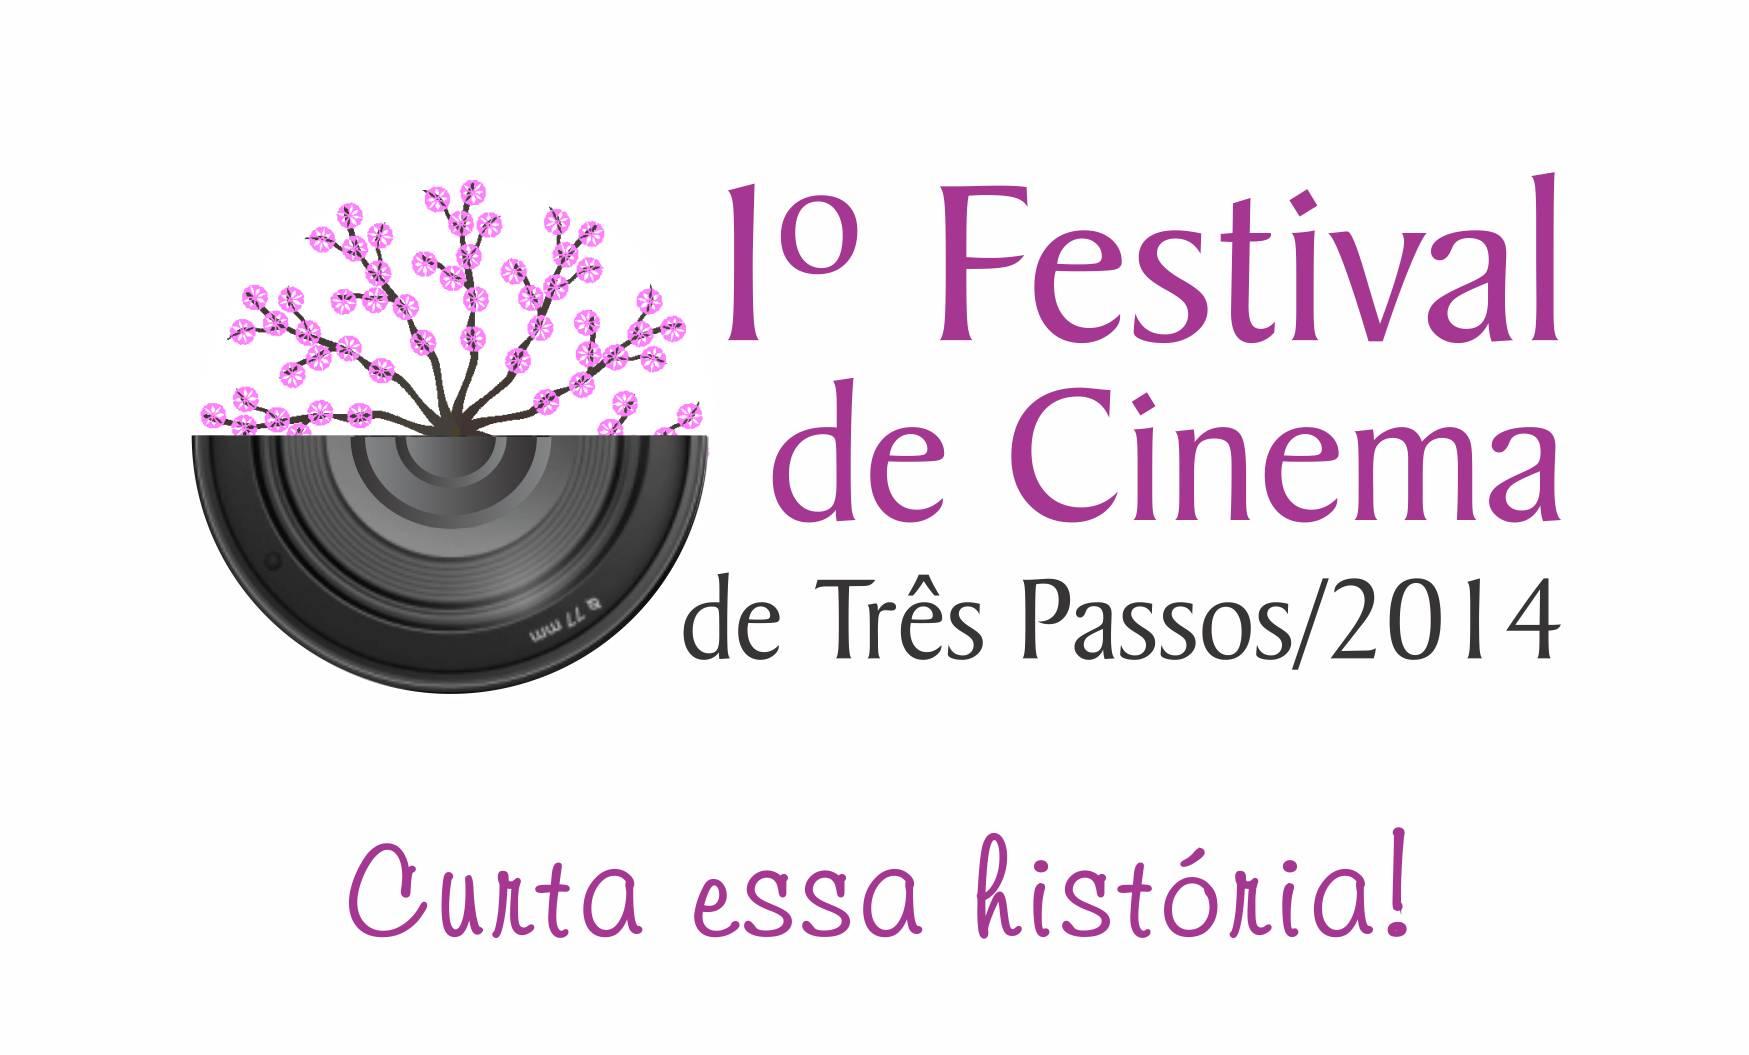 Festival de Cinema Três Passos